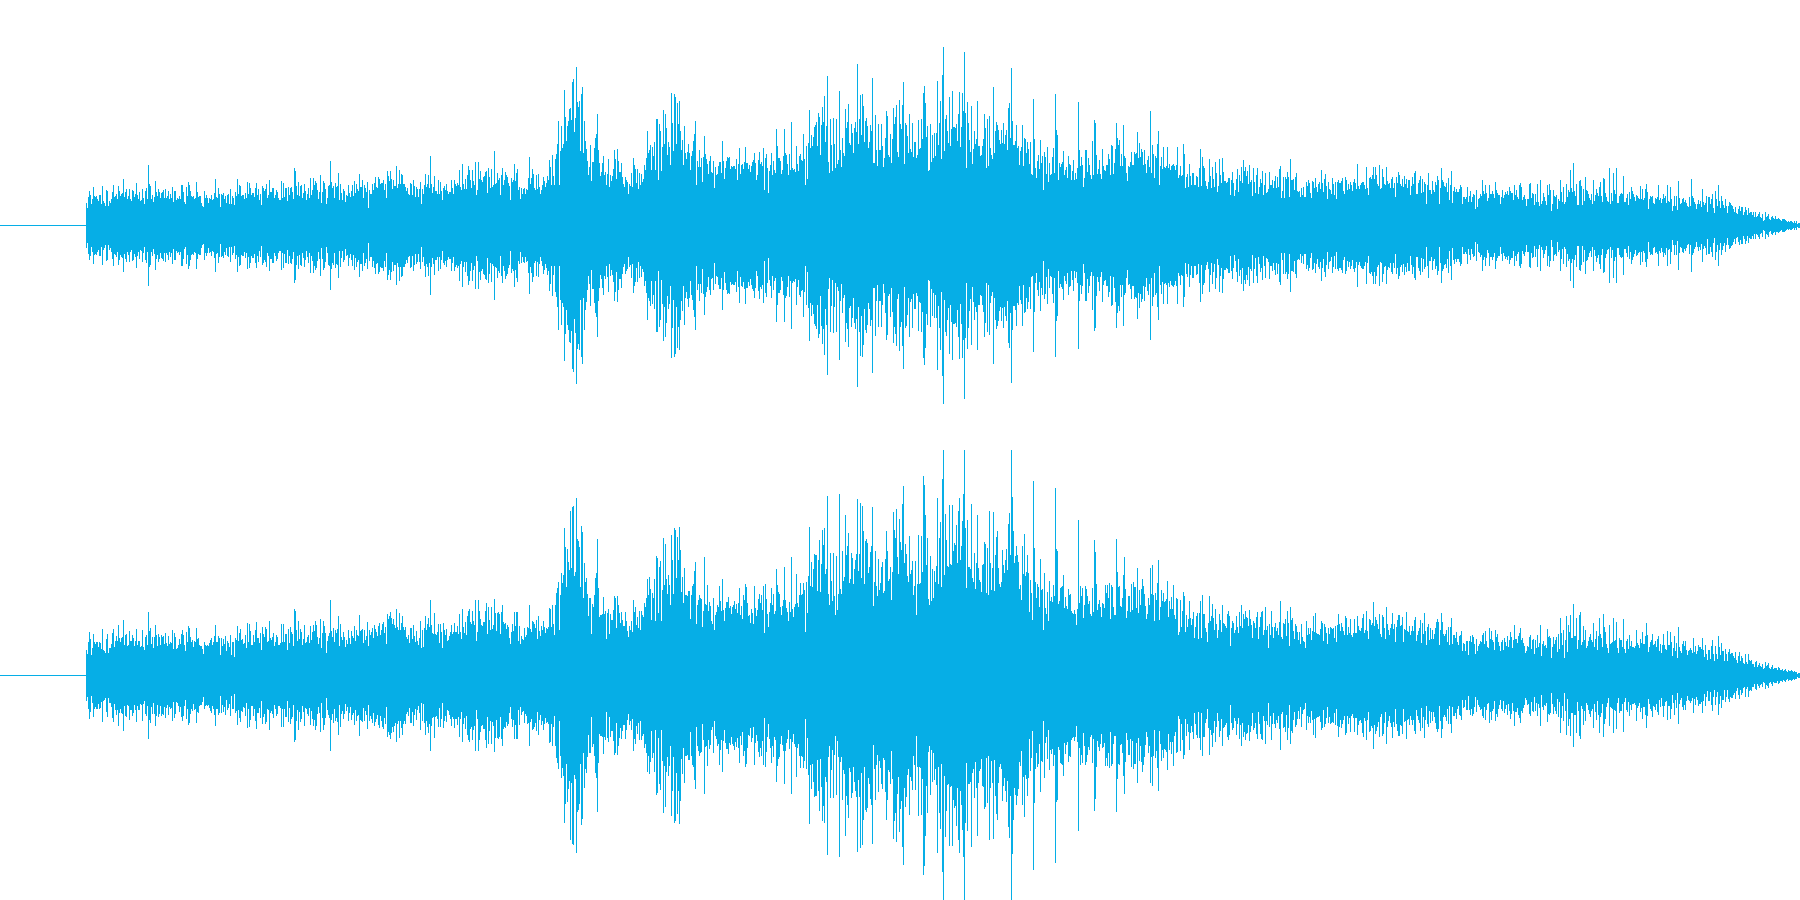 オート三輪の走行音の再生済みの波形